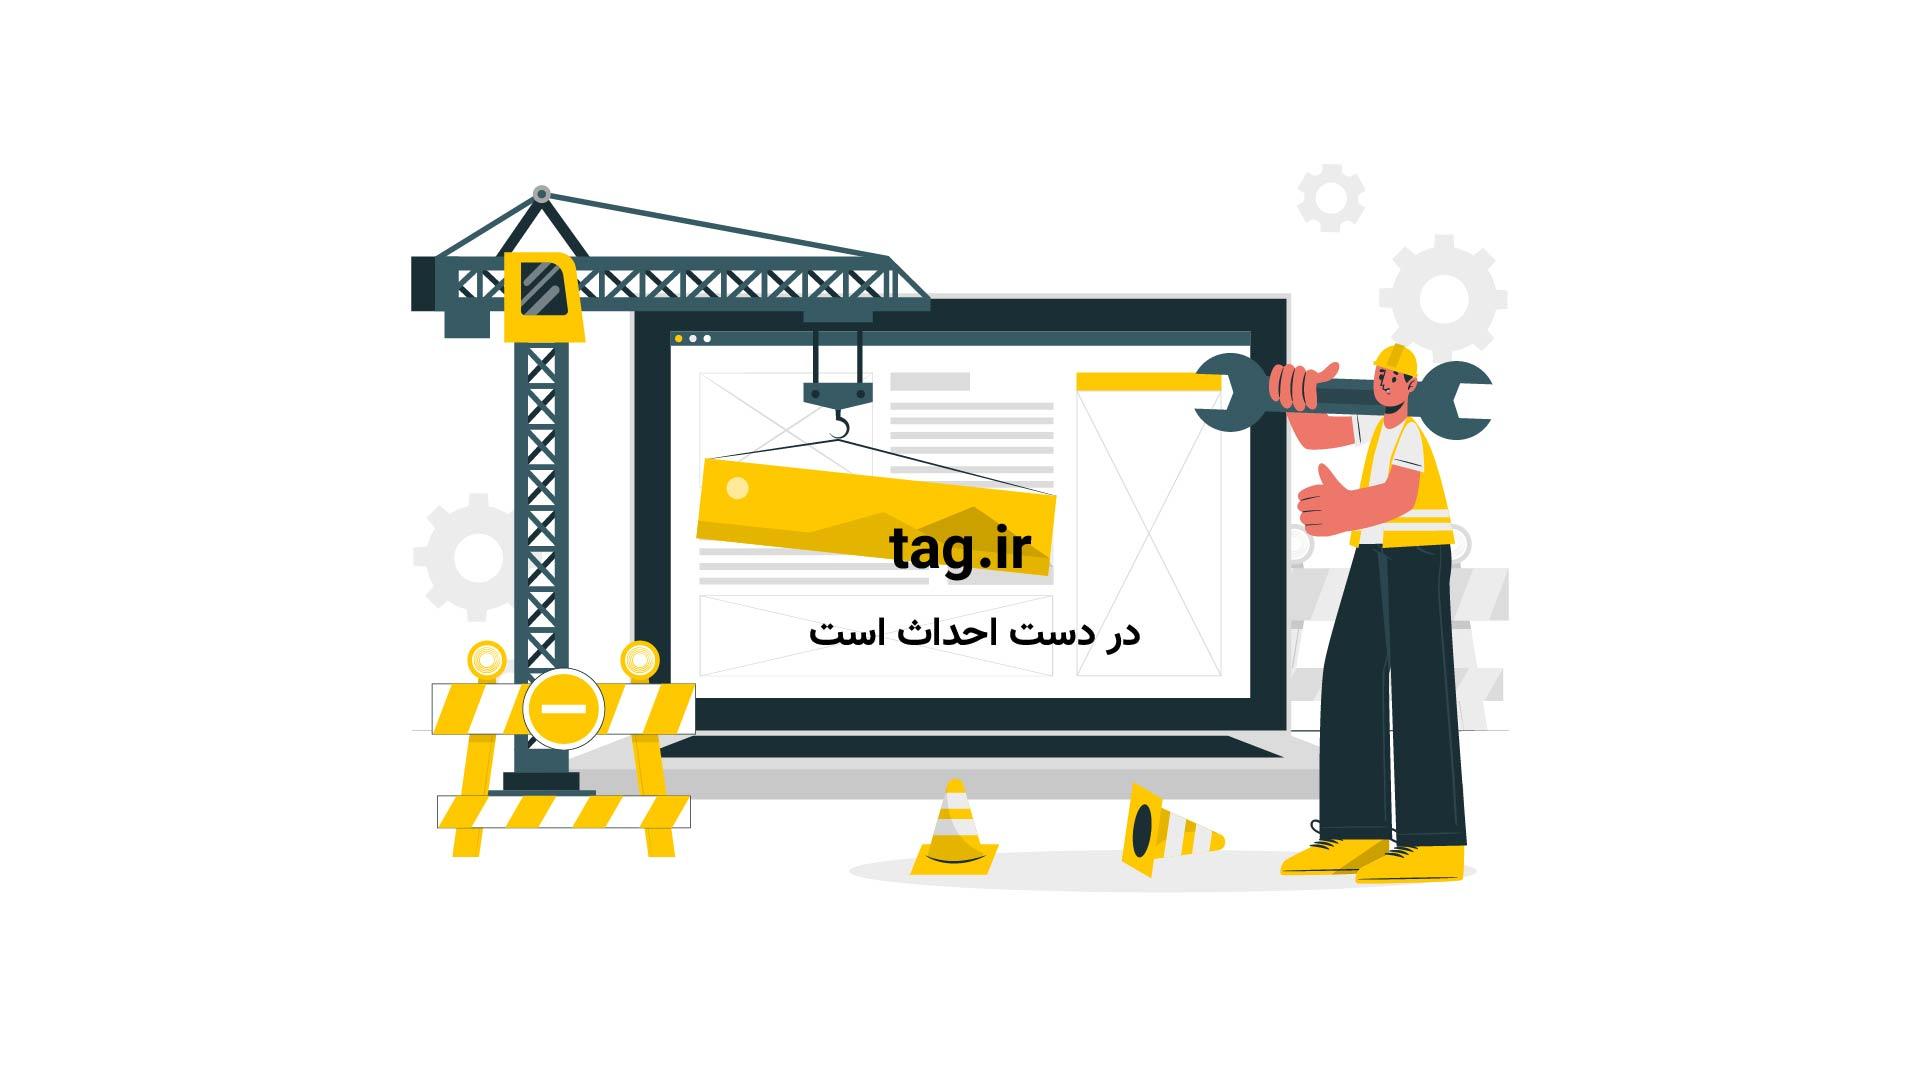 اگر اکرم محمدی نماینده قشر فرهنگی و هنری جامعه بود … | فیلم